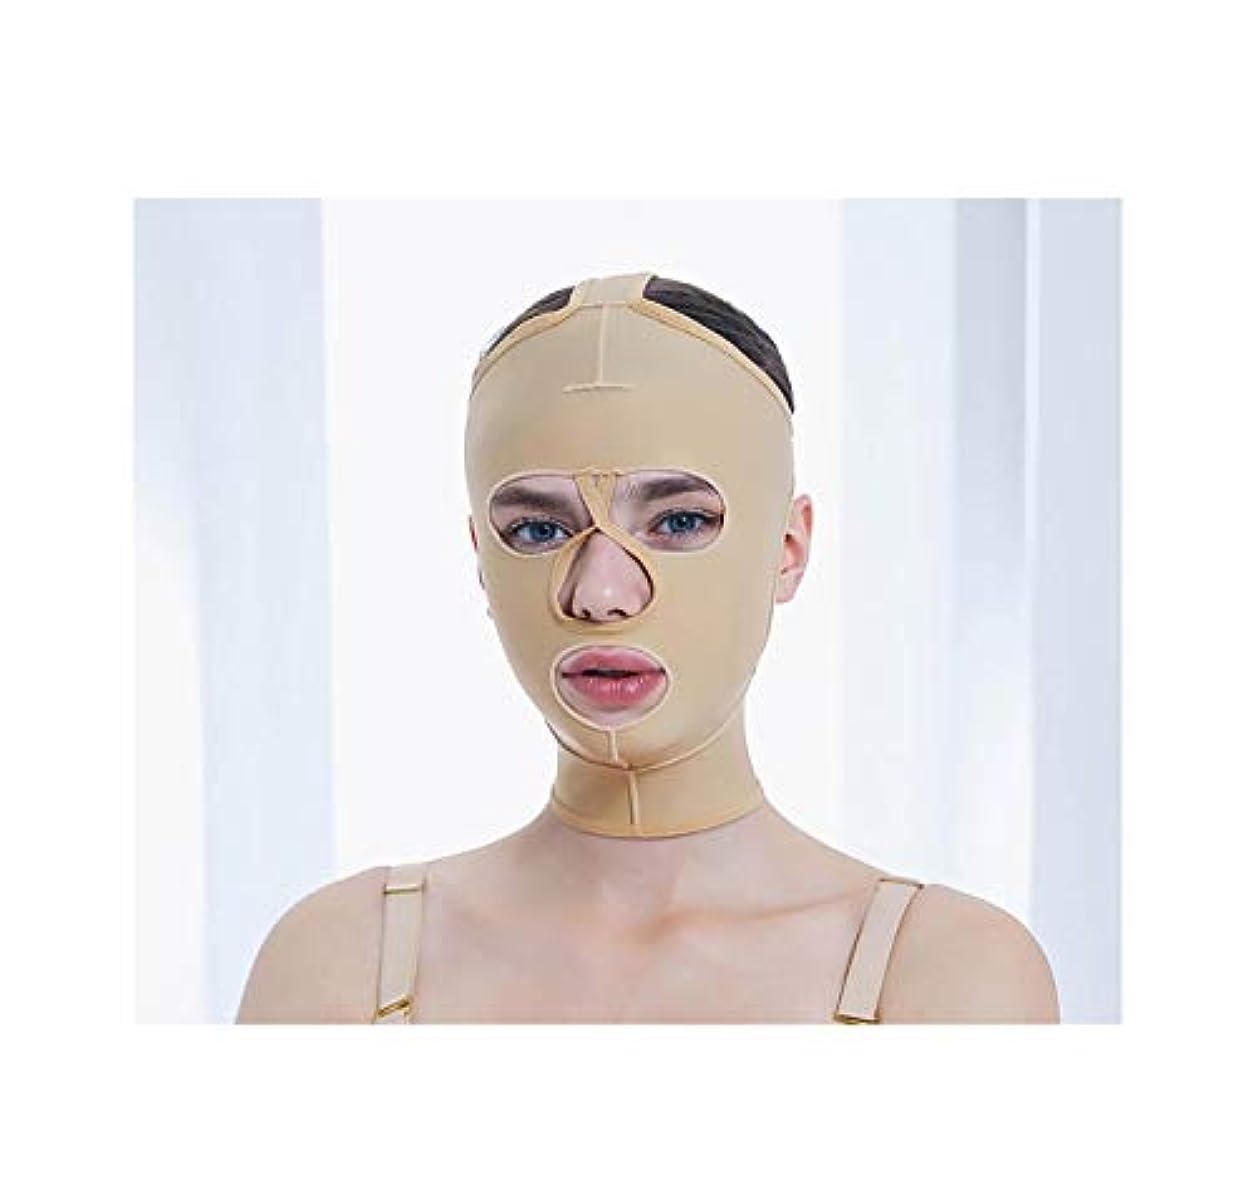 適応する代替アセンブリGLJJQMY 顔と首のリフト痩身マスク脂肪吸引術脂肪吸引整形マスクフードフェイシャルリフティングアーティファクトVフェイスビーム弾性スリーブ 顔用整形マスク (Size : XXL)